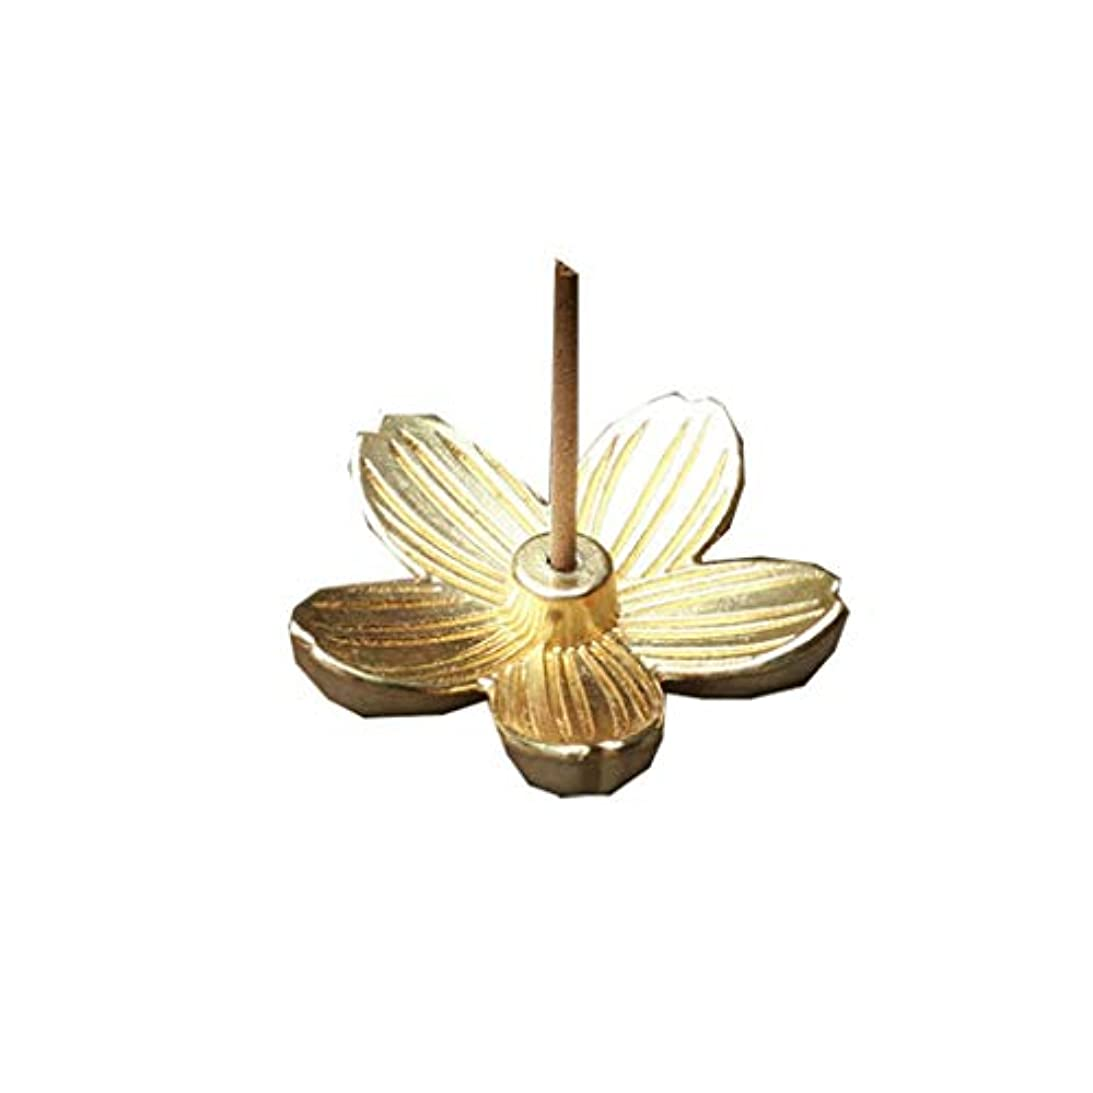 伝染病合わせてパフクリエイティブヴィンテージ銅アートさくら型の香炉香スティックコーンホルダーホーム仏教の装飾誕生日お香ホルダー (Color : Gold, サイズ : 1.14*1.14inchs)